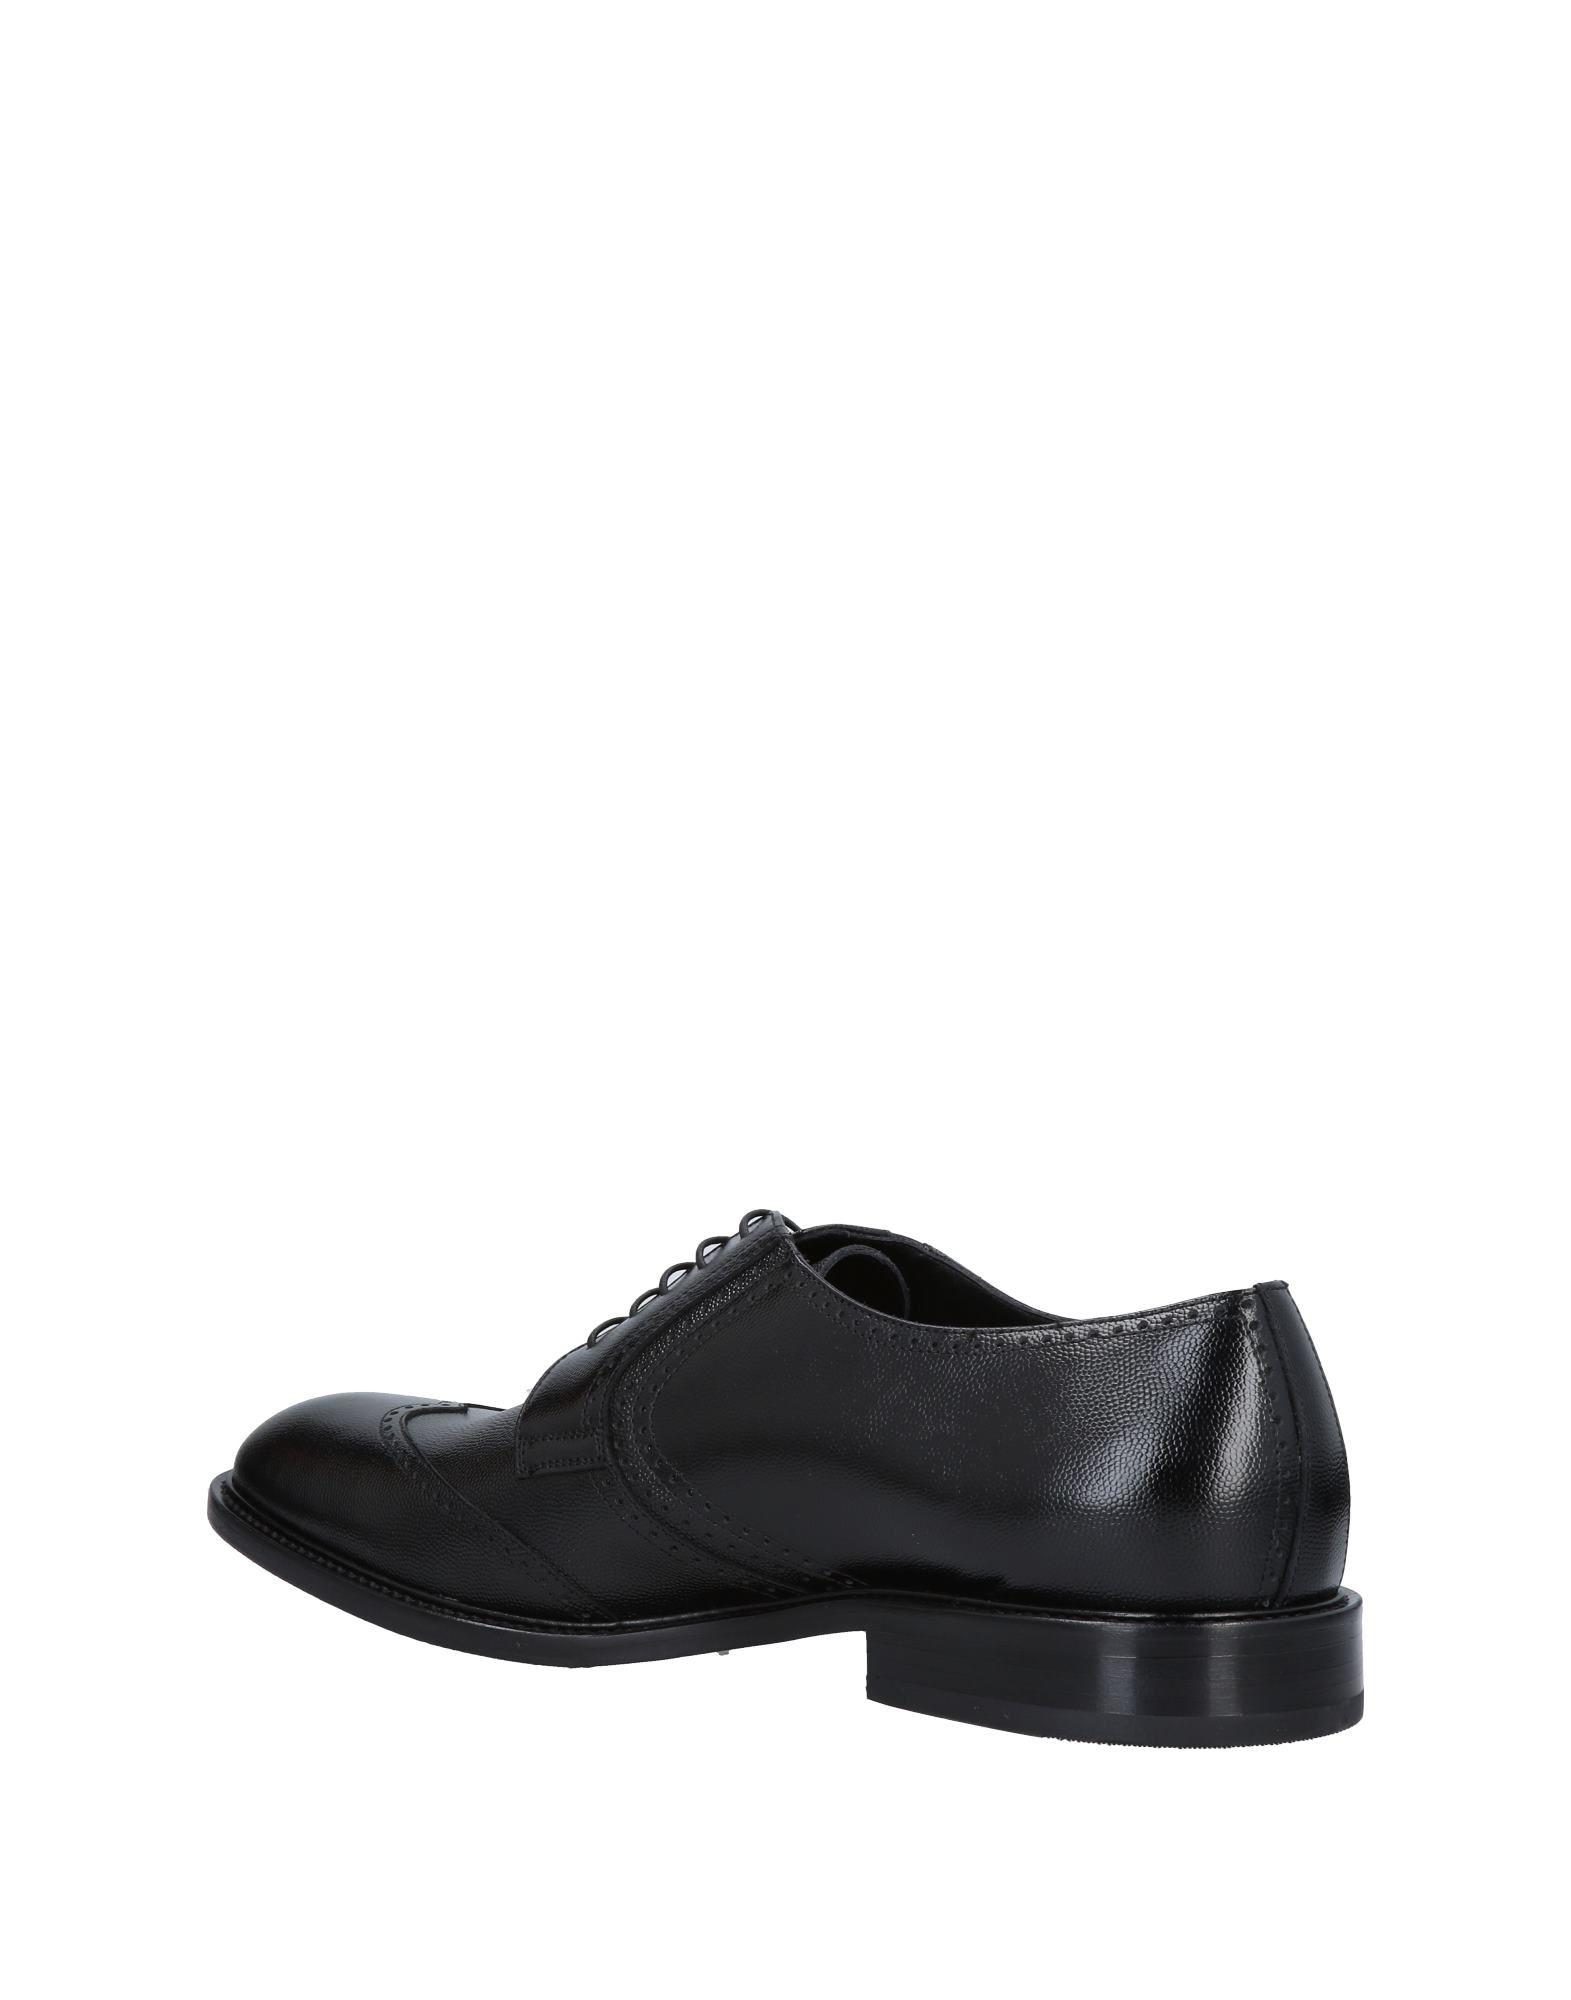 Giovanni Conti Schnürschuhe Herren  11471454QX Gute Qualität beliebte Schuhe